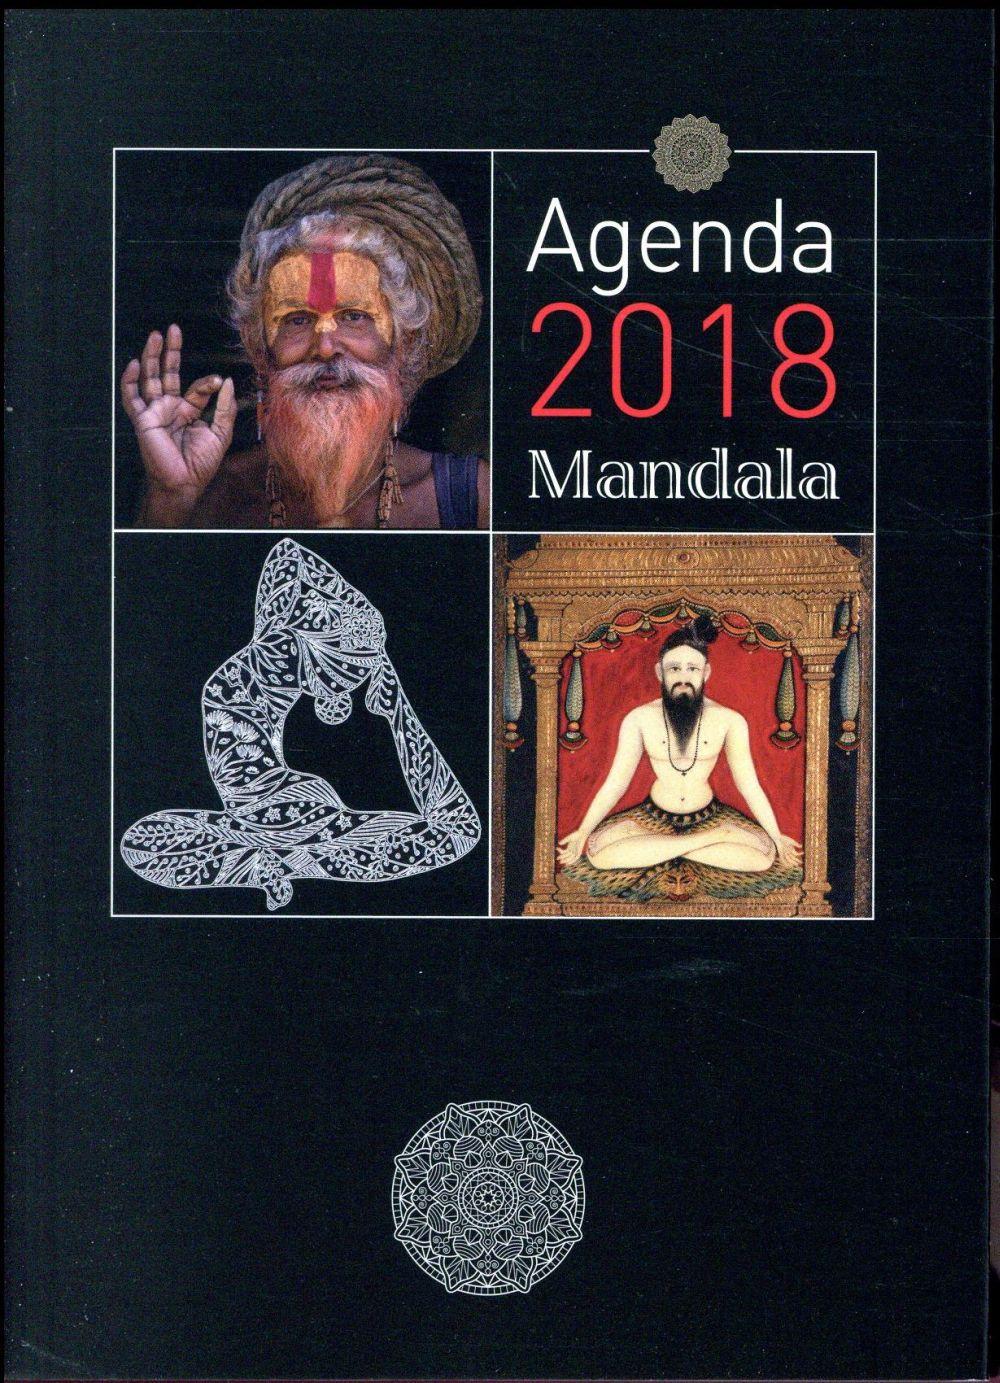 Agenda 2018 ; mandala